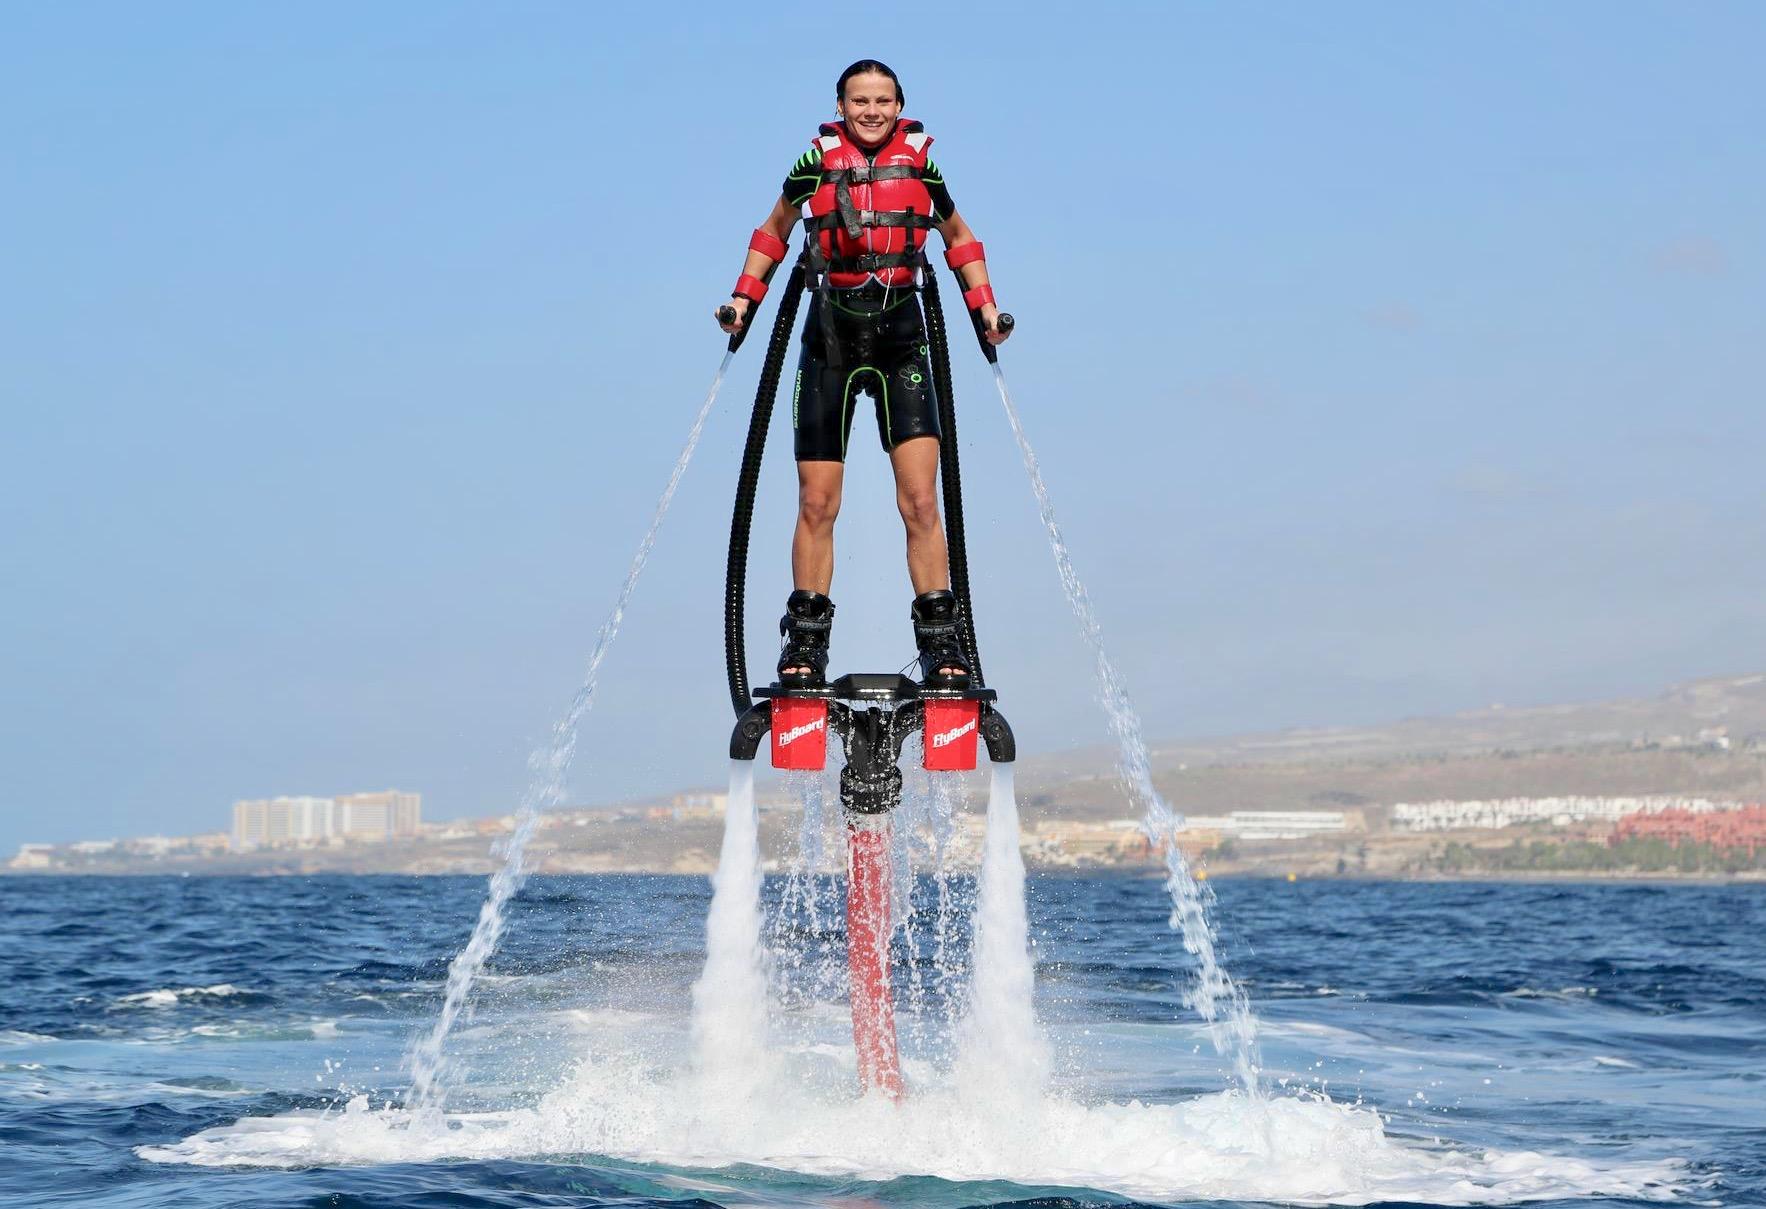 Una chica probando el flyboard y está flotando sobre el agua como Iron Man.